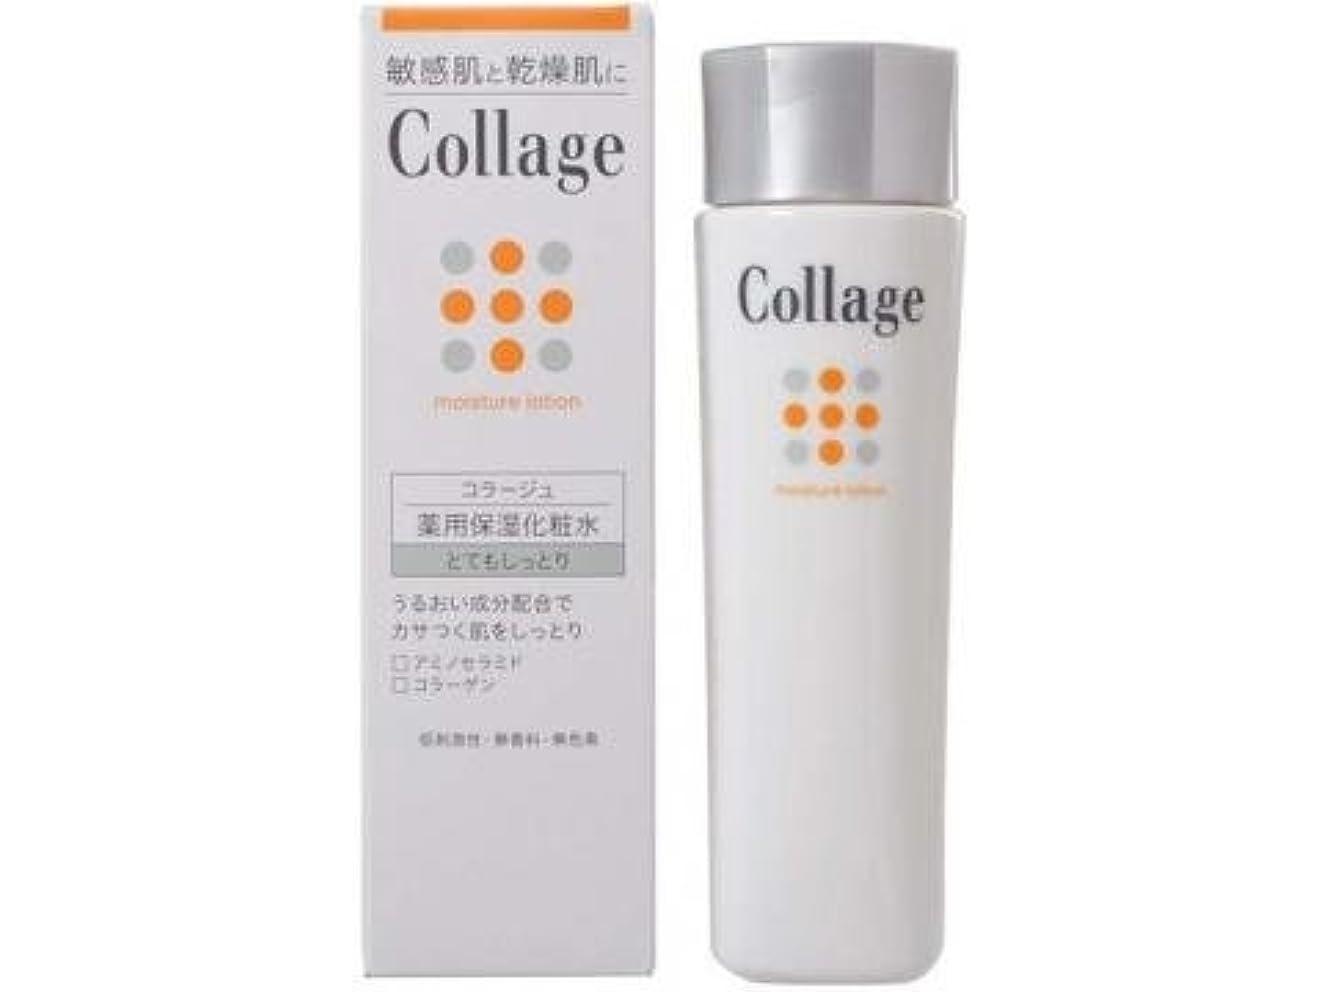 垂直クリックドルコラージュ 薬用保湿化粧水 とてもしっとり(120mL)×2